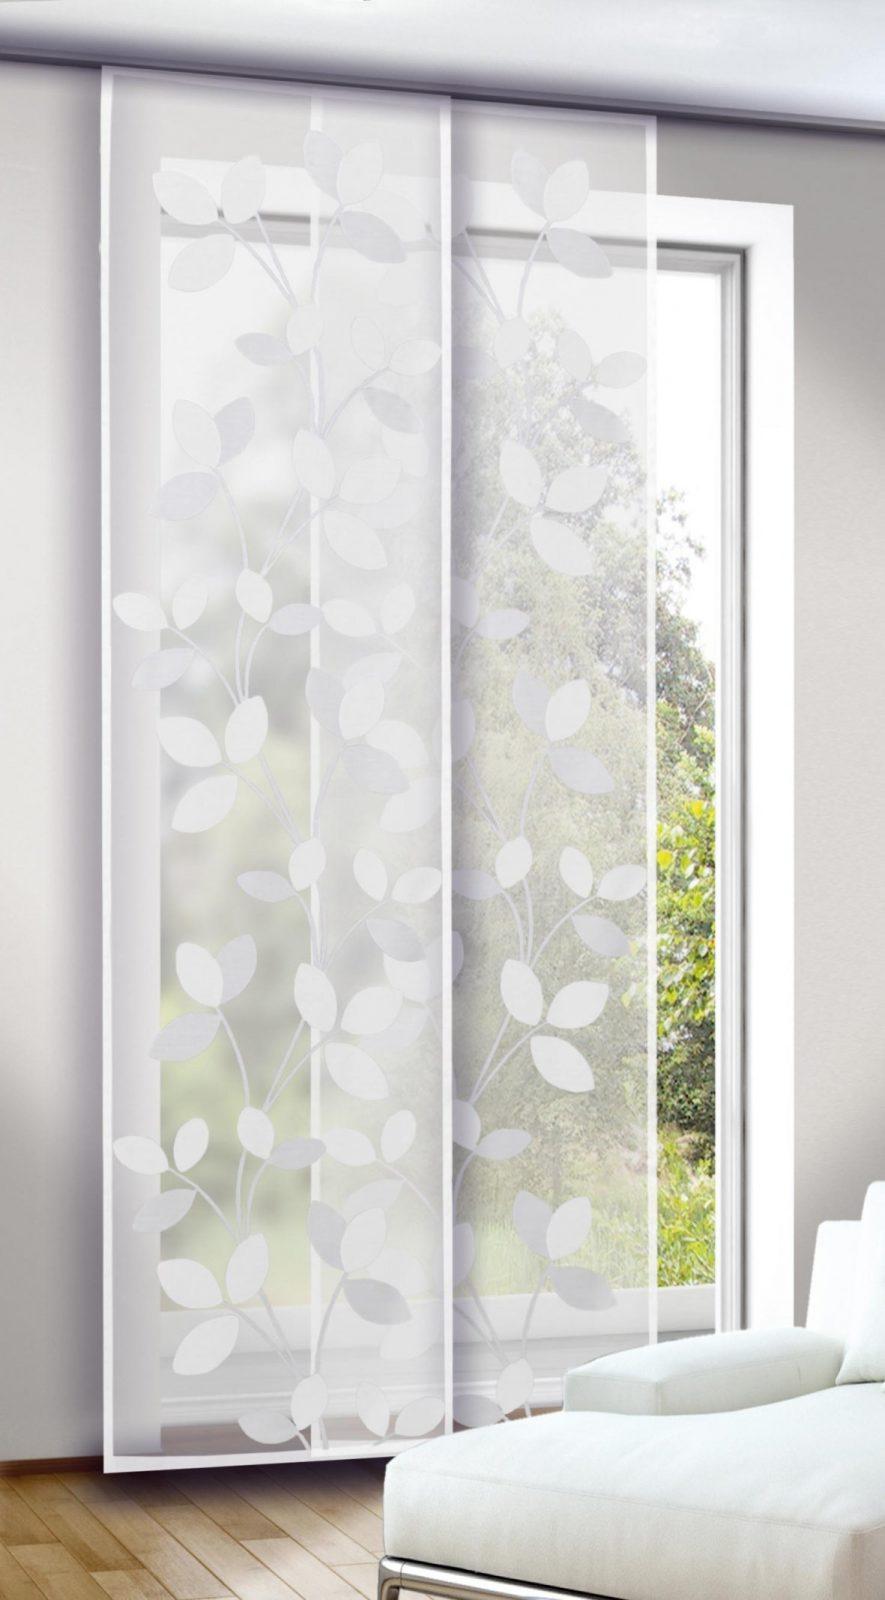 Schiebegardinen  Fertiggardinen  Vorhänge  Gardinen  Vorhänge von Gardinen Auf Rechnung Bestellen Photo